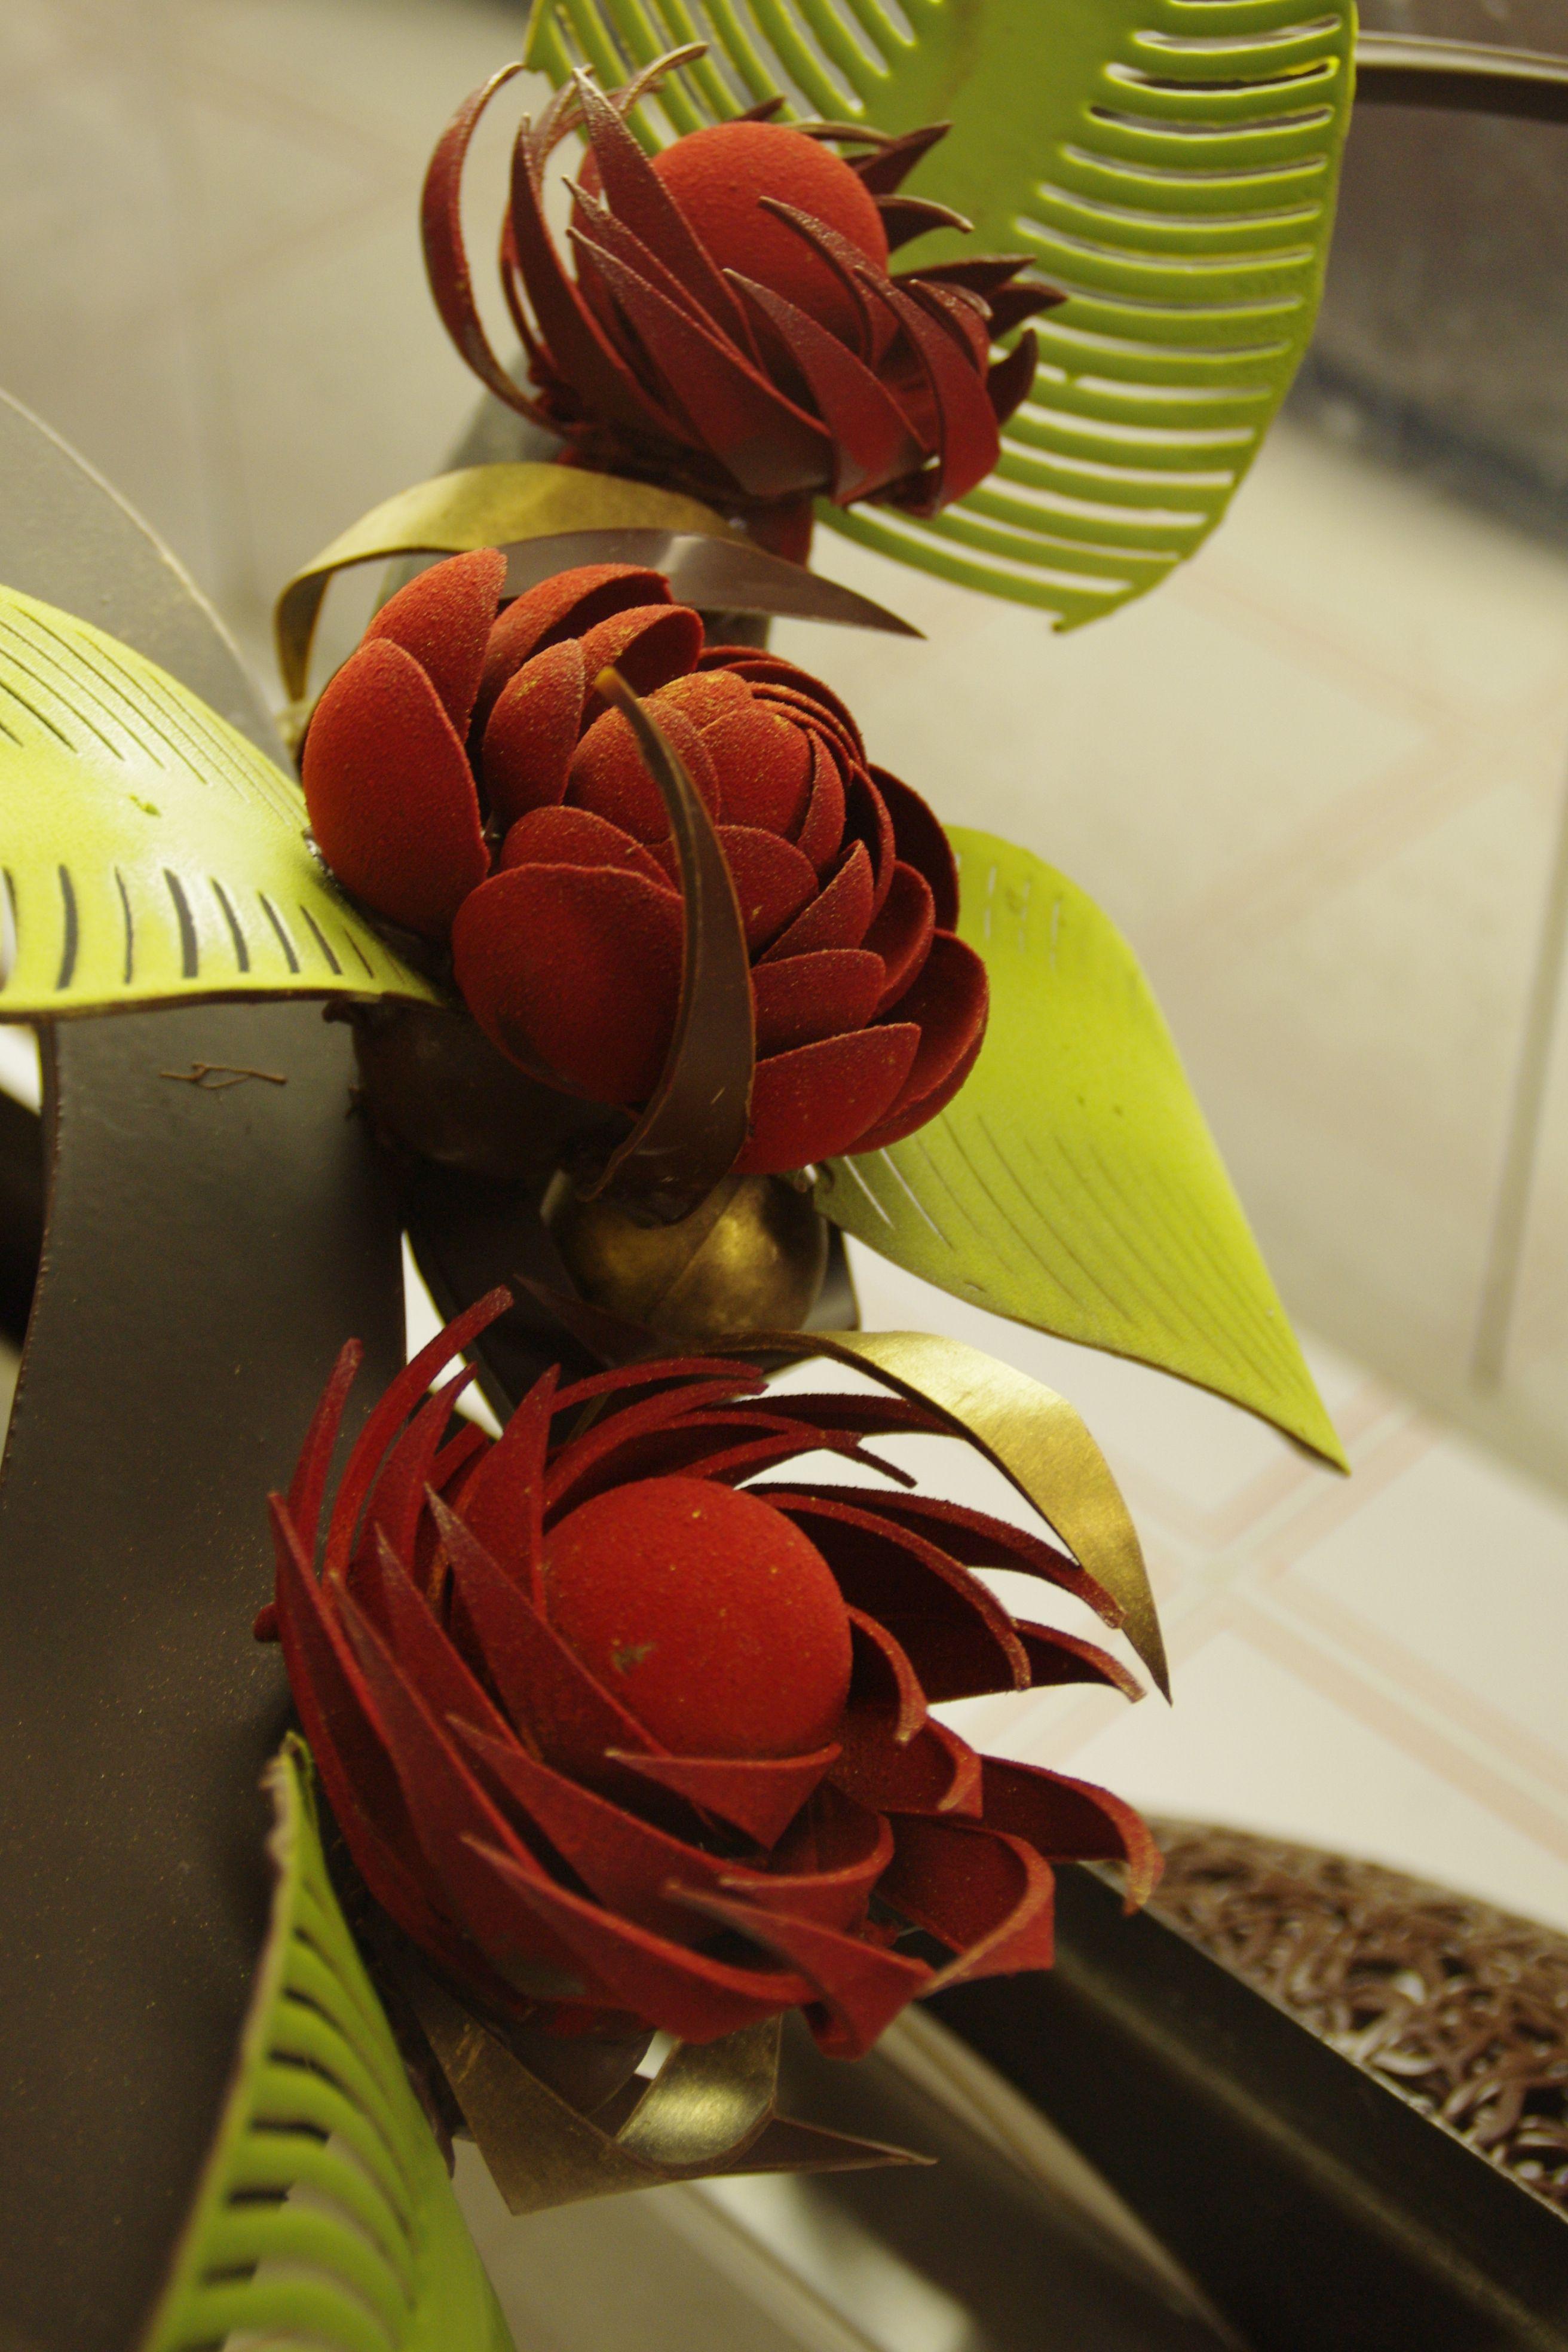 fleur en chocolat pi ces chocolat pinterest fleur en chocolat chocolats et fleur. Black Bedroom Furniture Sets. Home Design Ideas